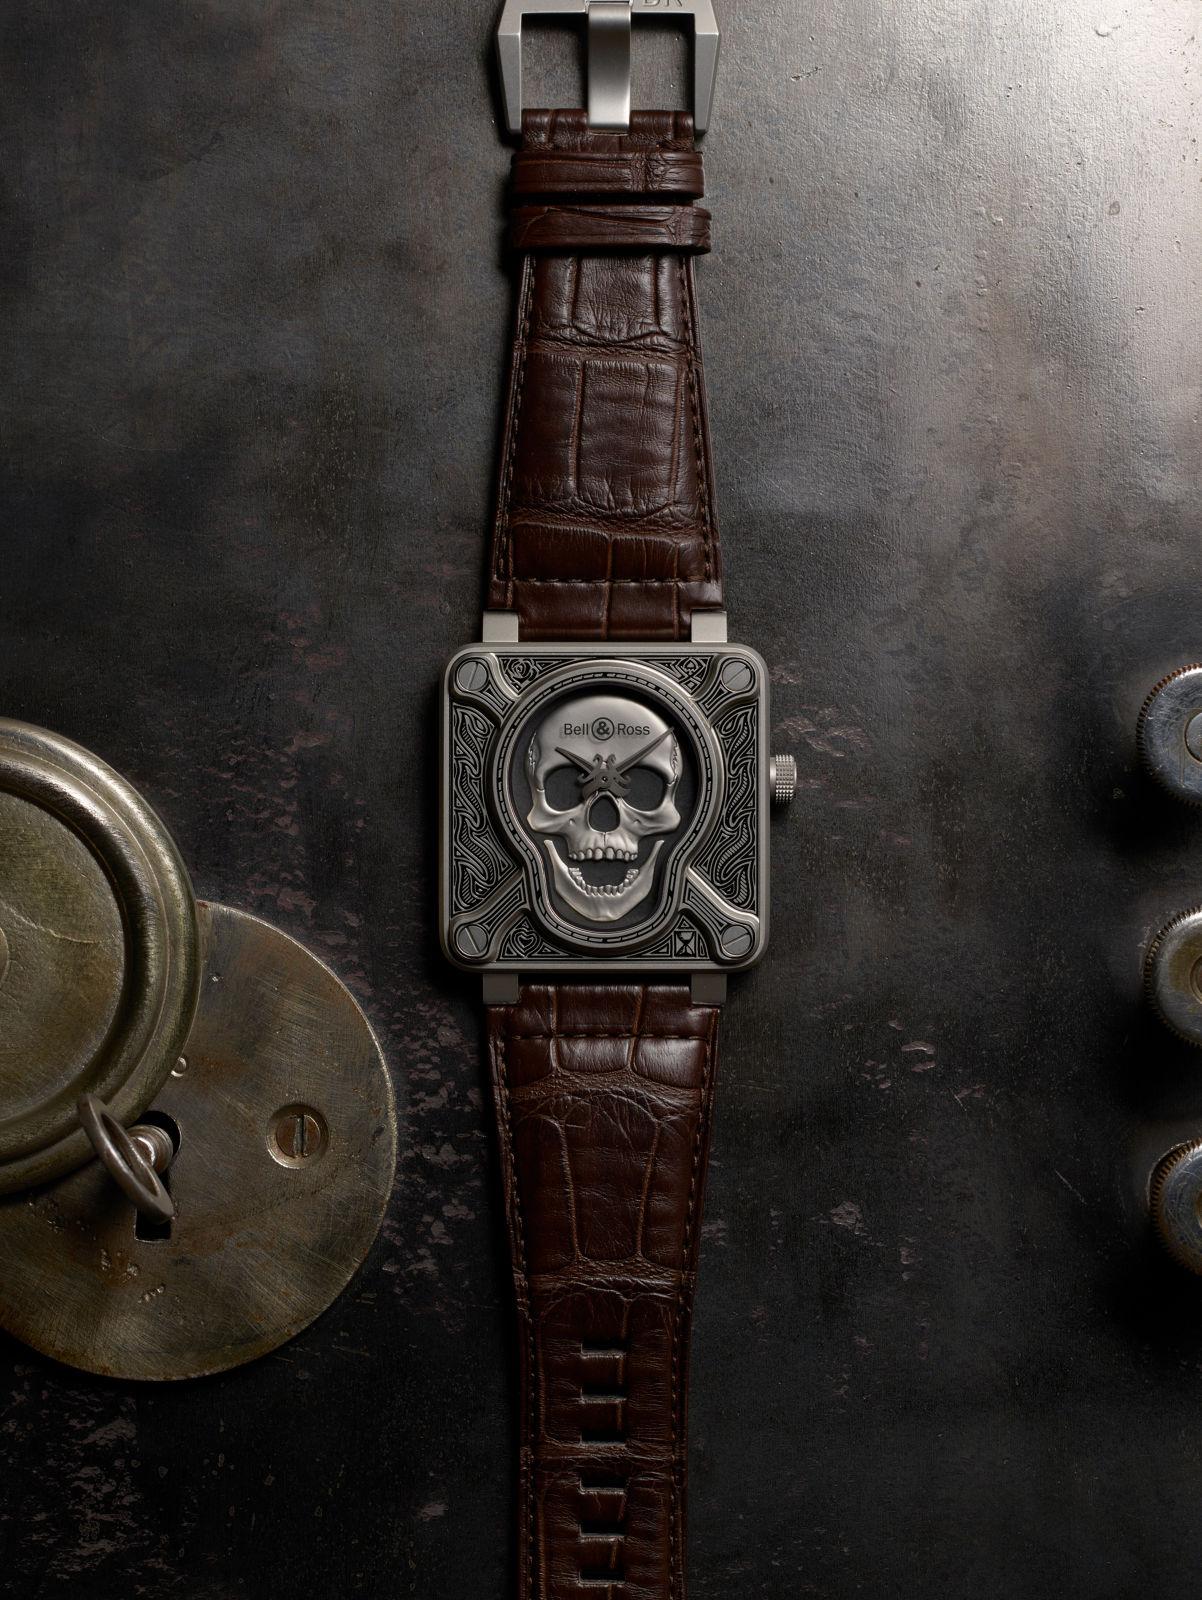 Bell-Ross-Burning-Skull-6.jpg